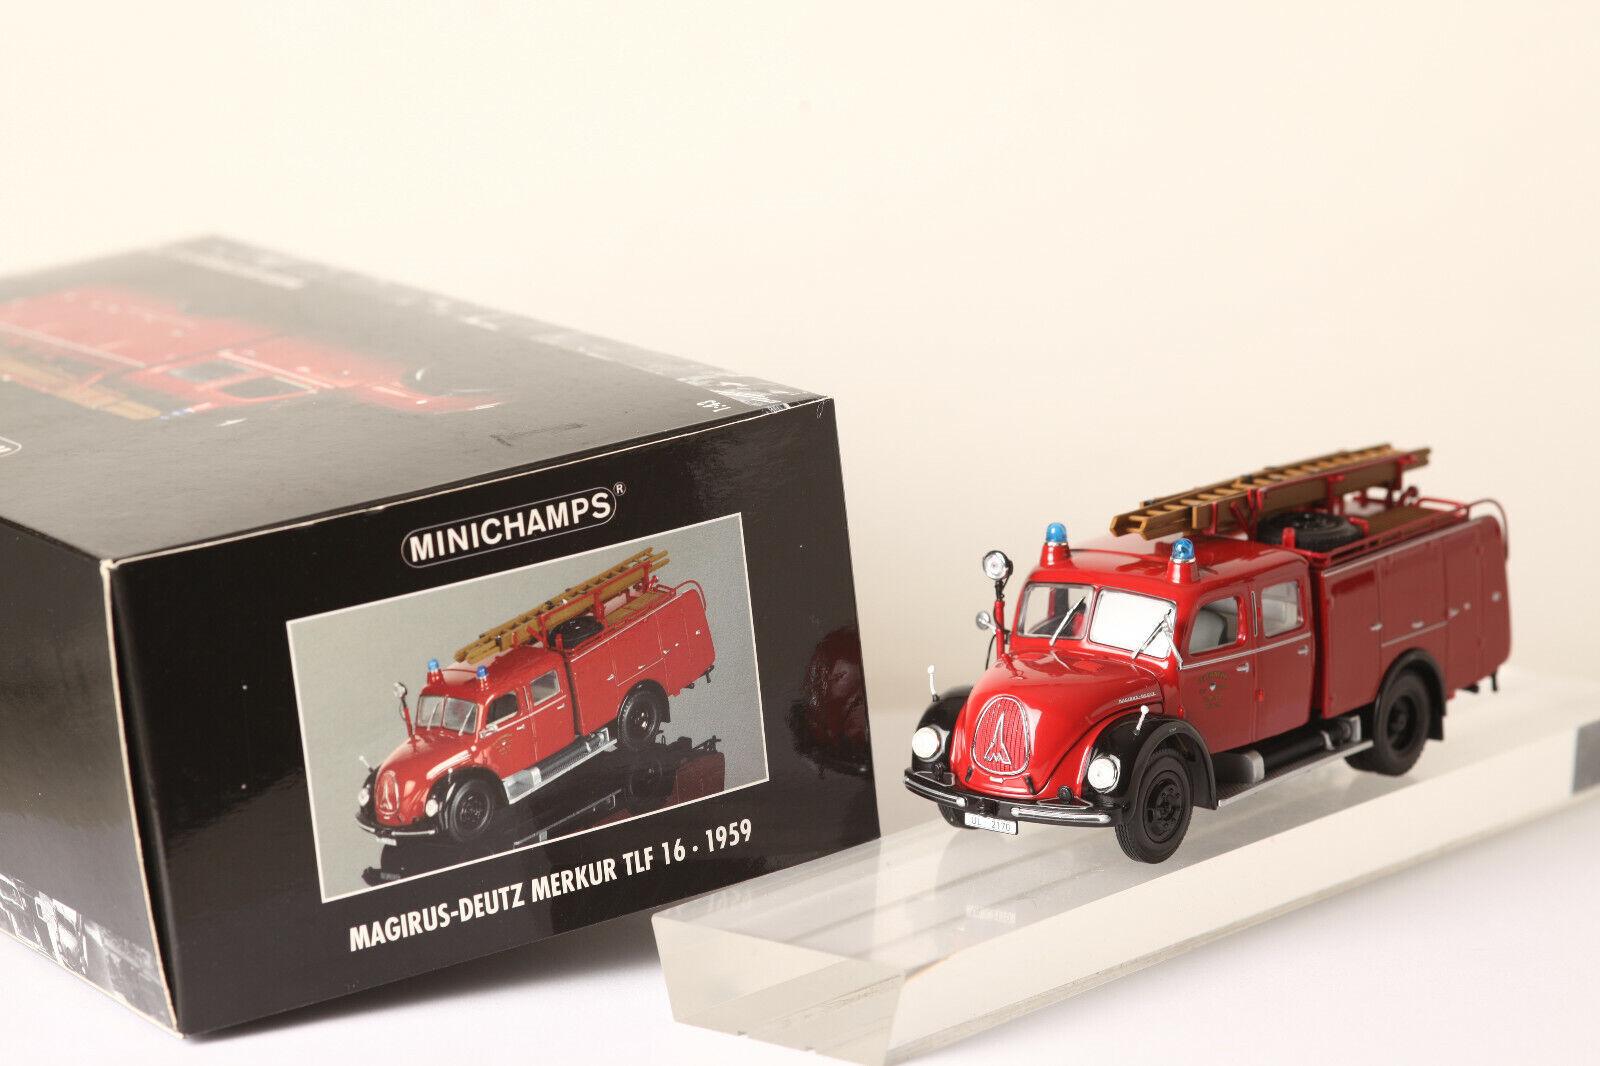 Minichamps Magirus - Deutz Merkur Merkur Merkur TLF 16.1959 Feuerwerhwagen Löschzug (53390) a12212